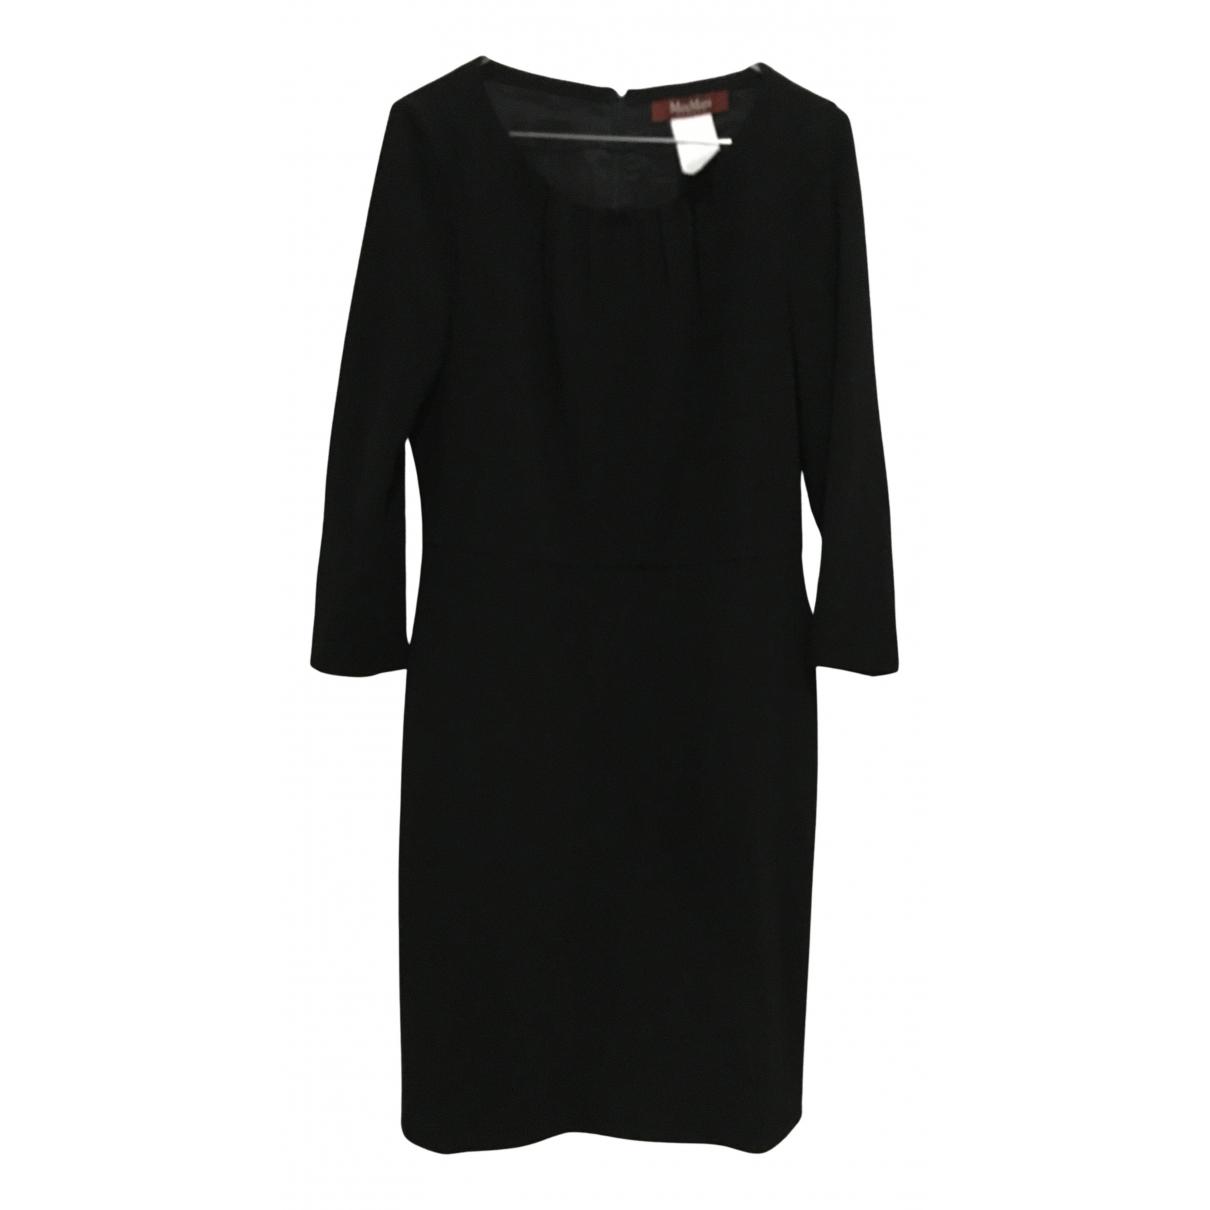 Max Mara Studio N Black Wool dress for Women 40 IT